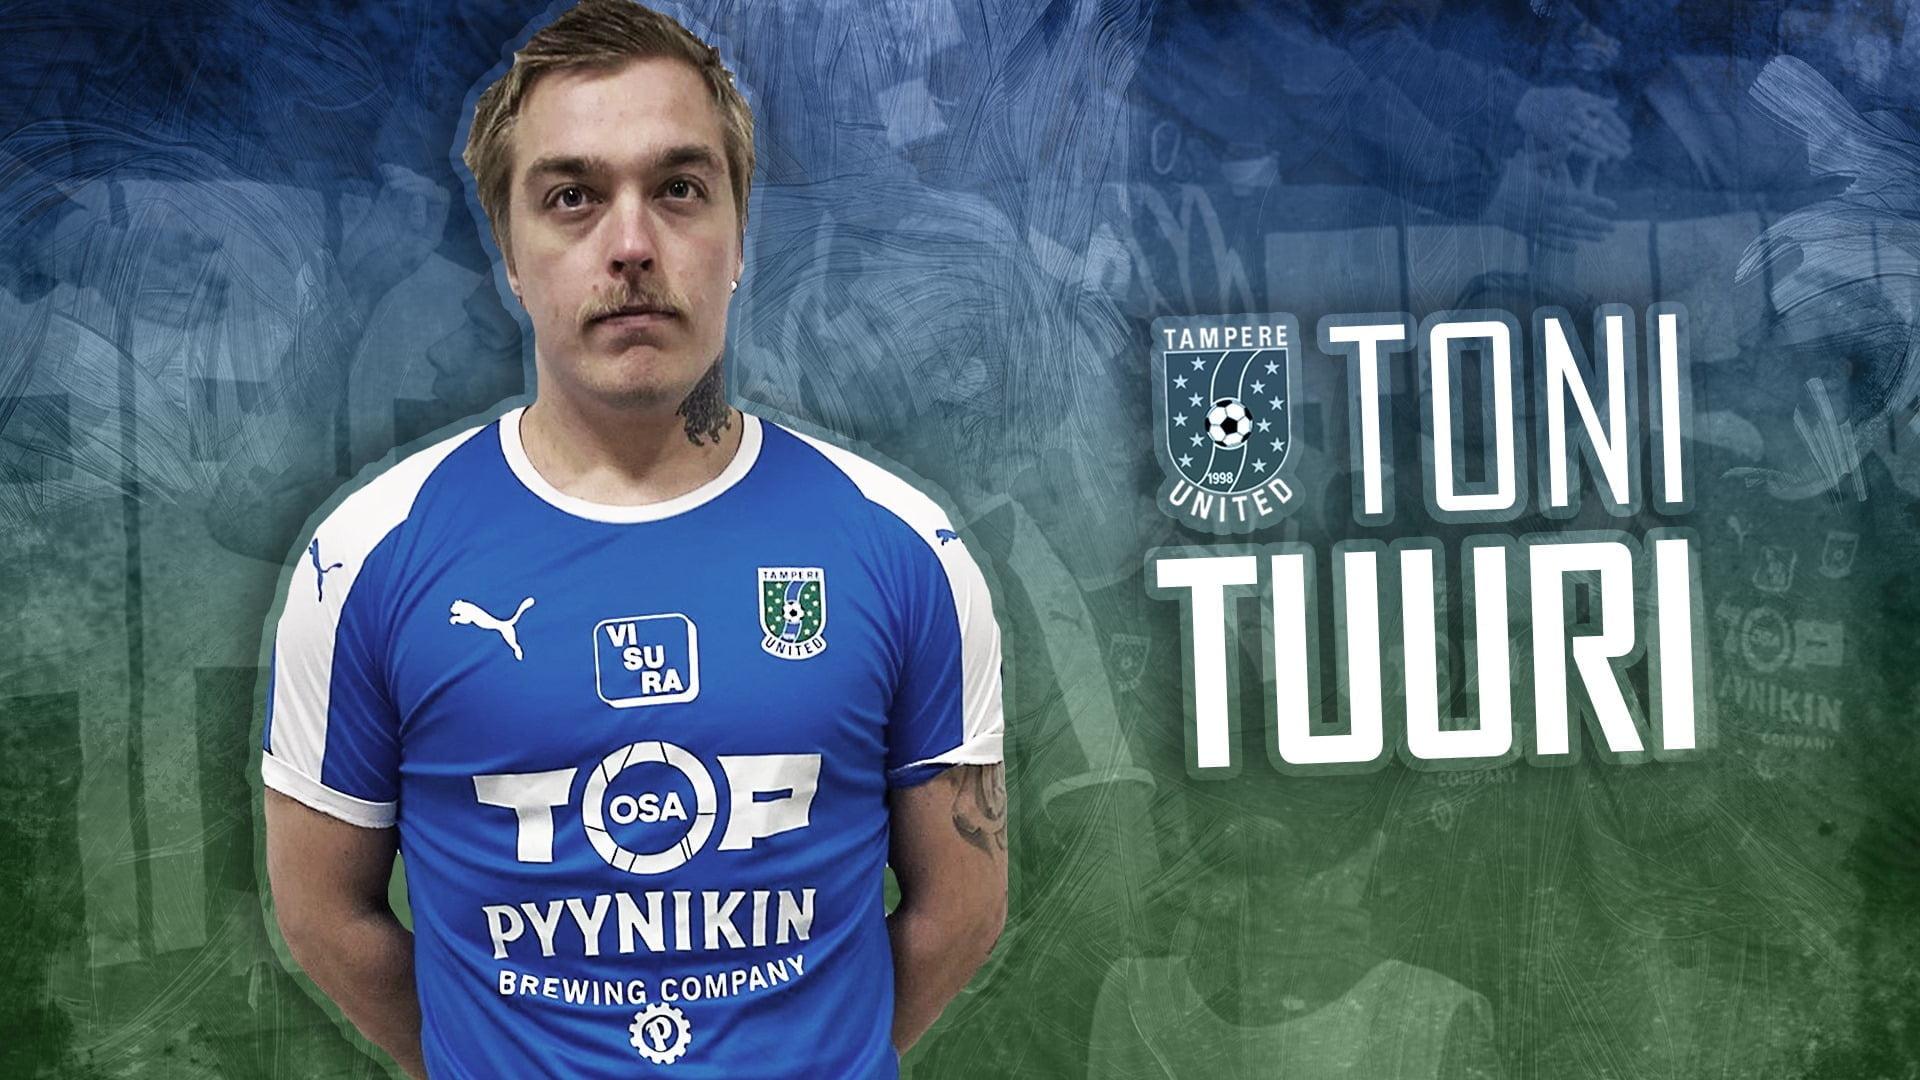 Toni Tuuri on ensimmäinen uusi sopimuspelaaja kaudelle 2020 -uutiskuva